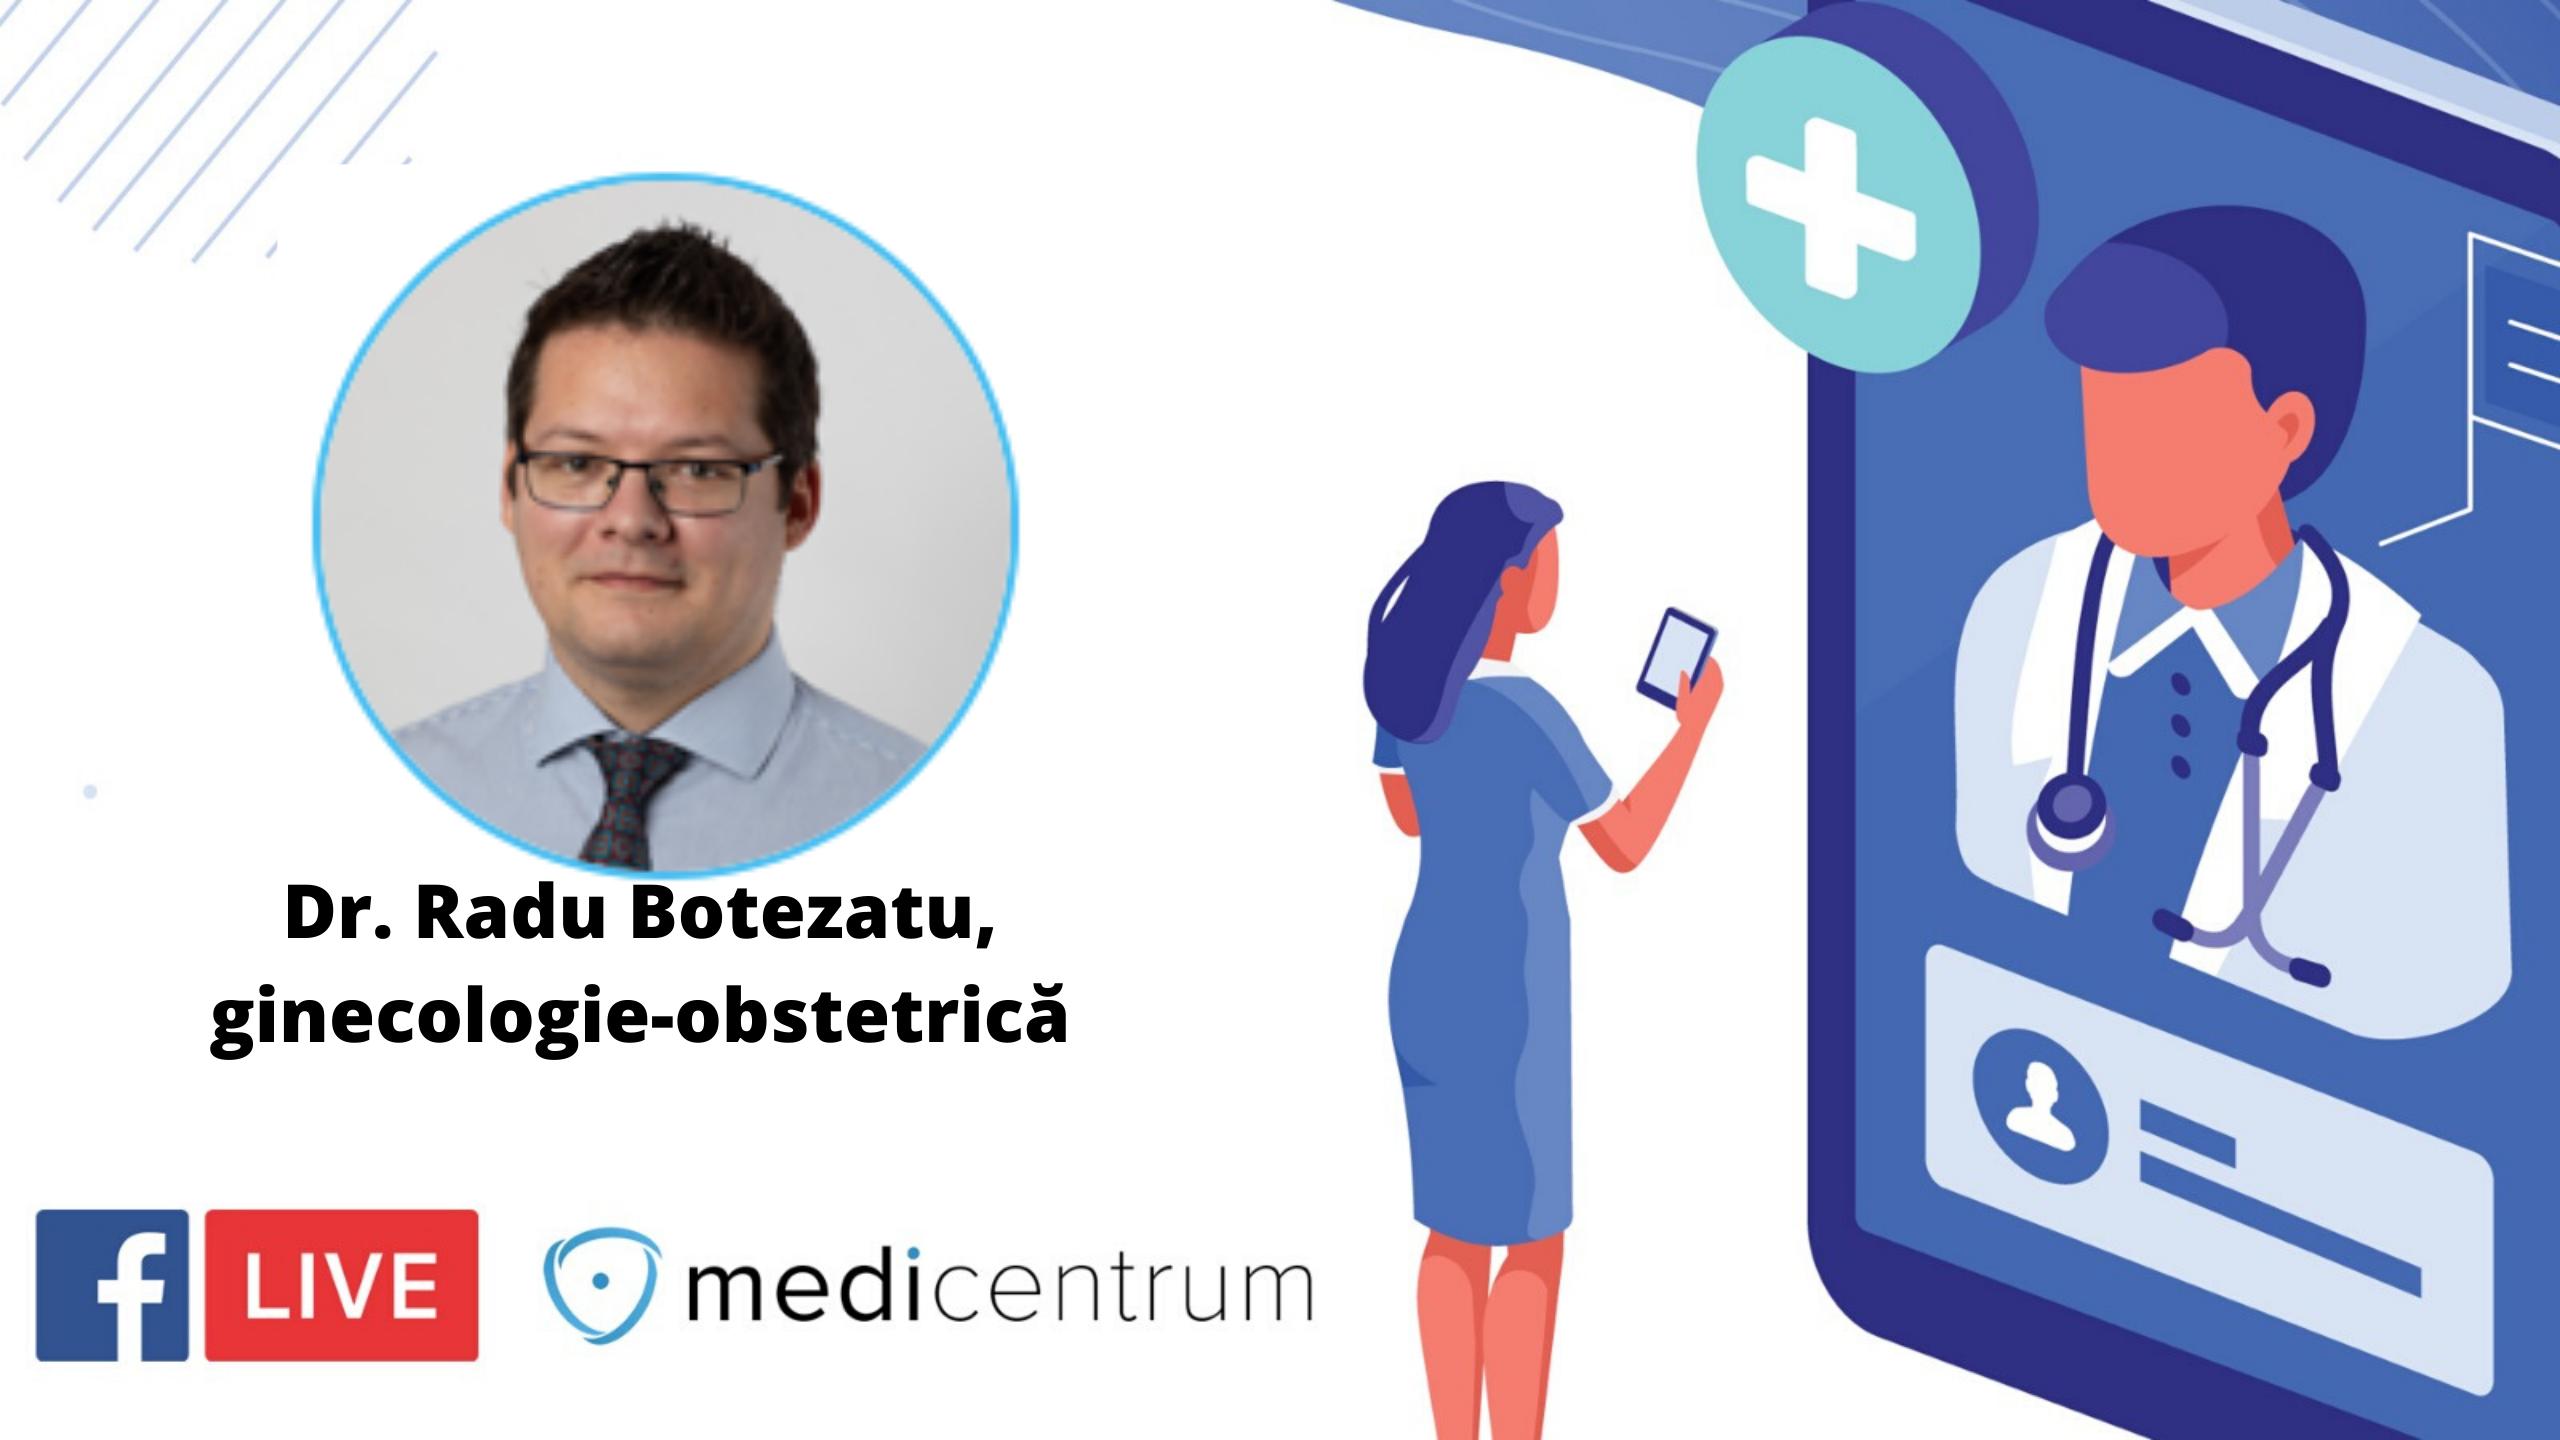 Dr. radu botezatu nașterea vaginală cezariană